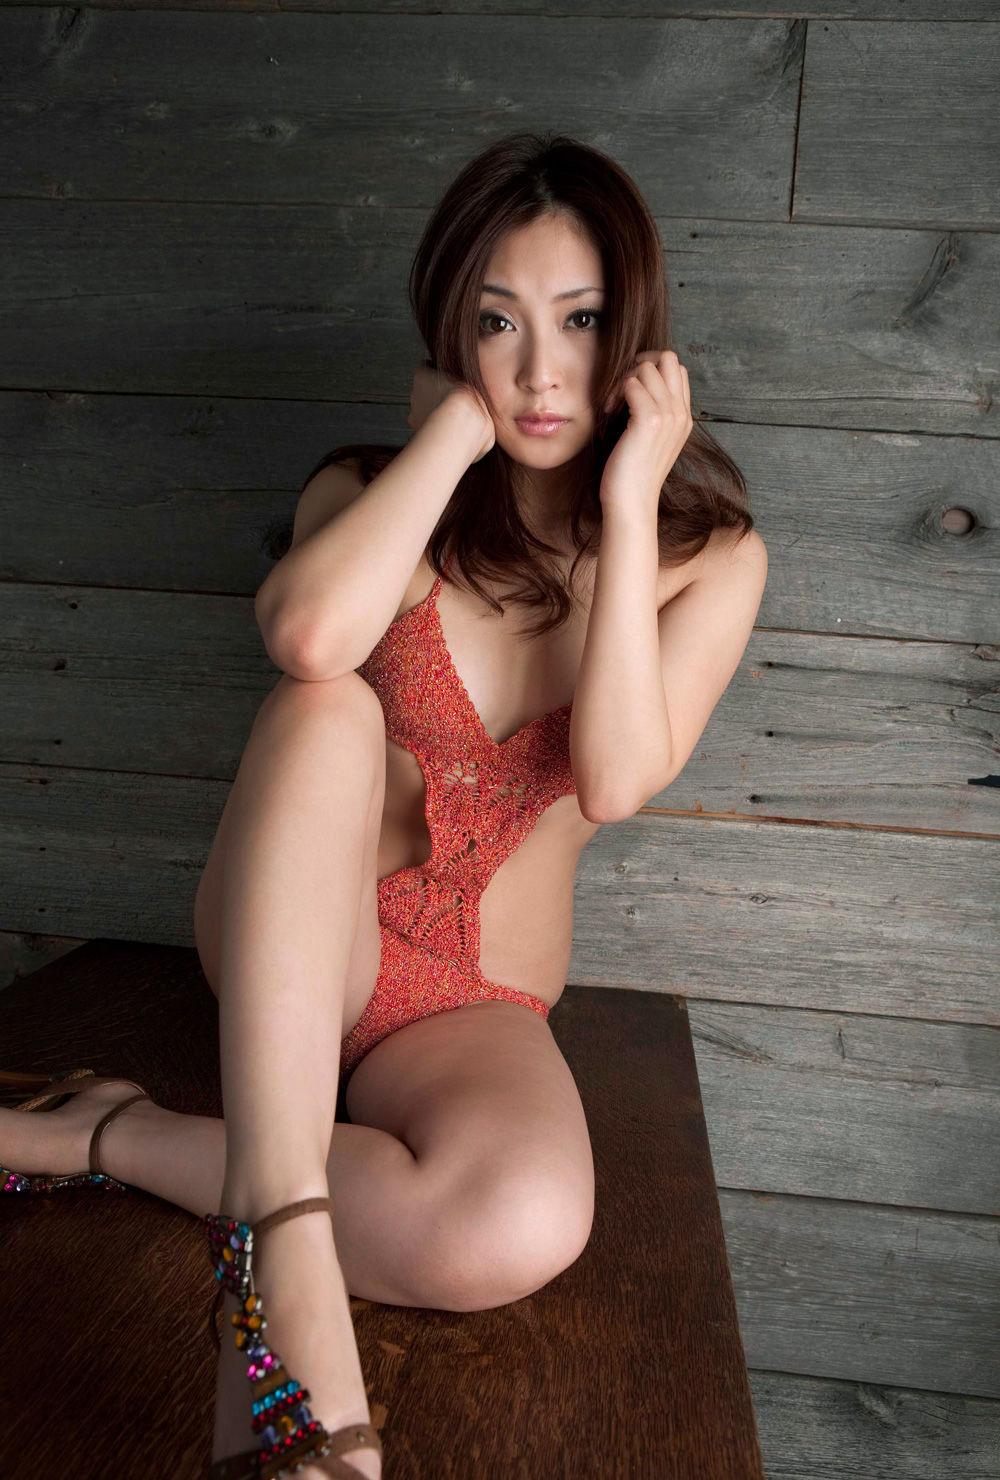 辰巳奈都子 画像 掲示板 65